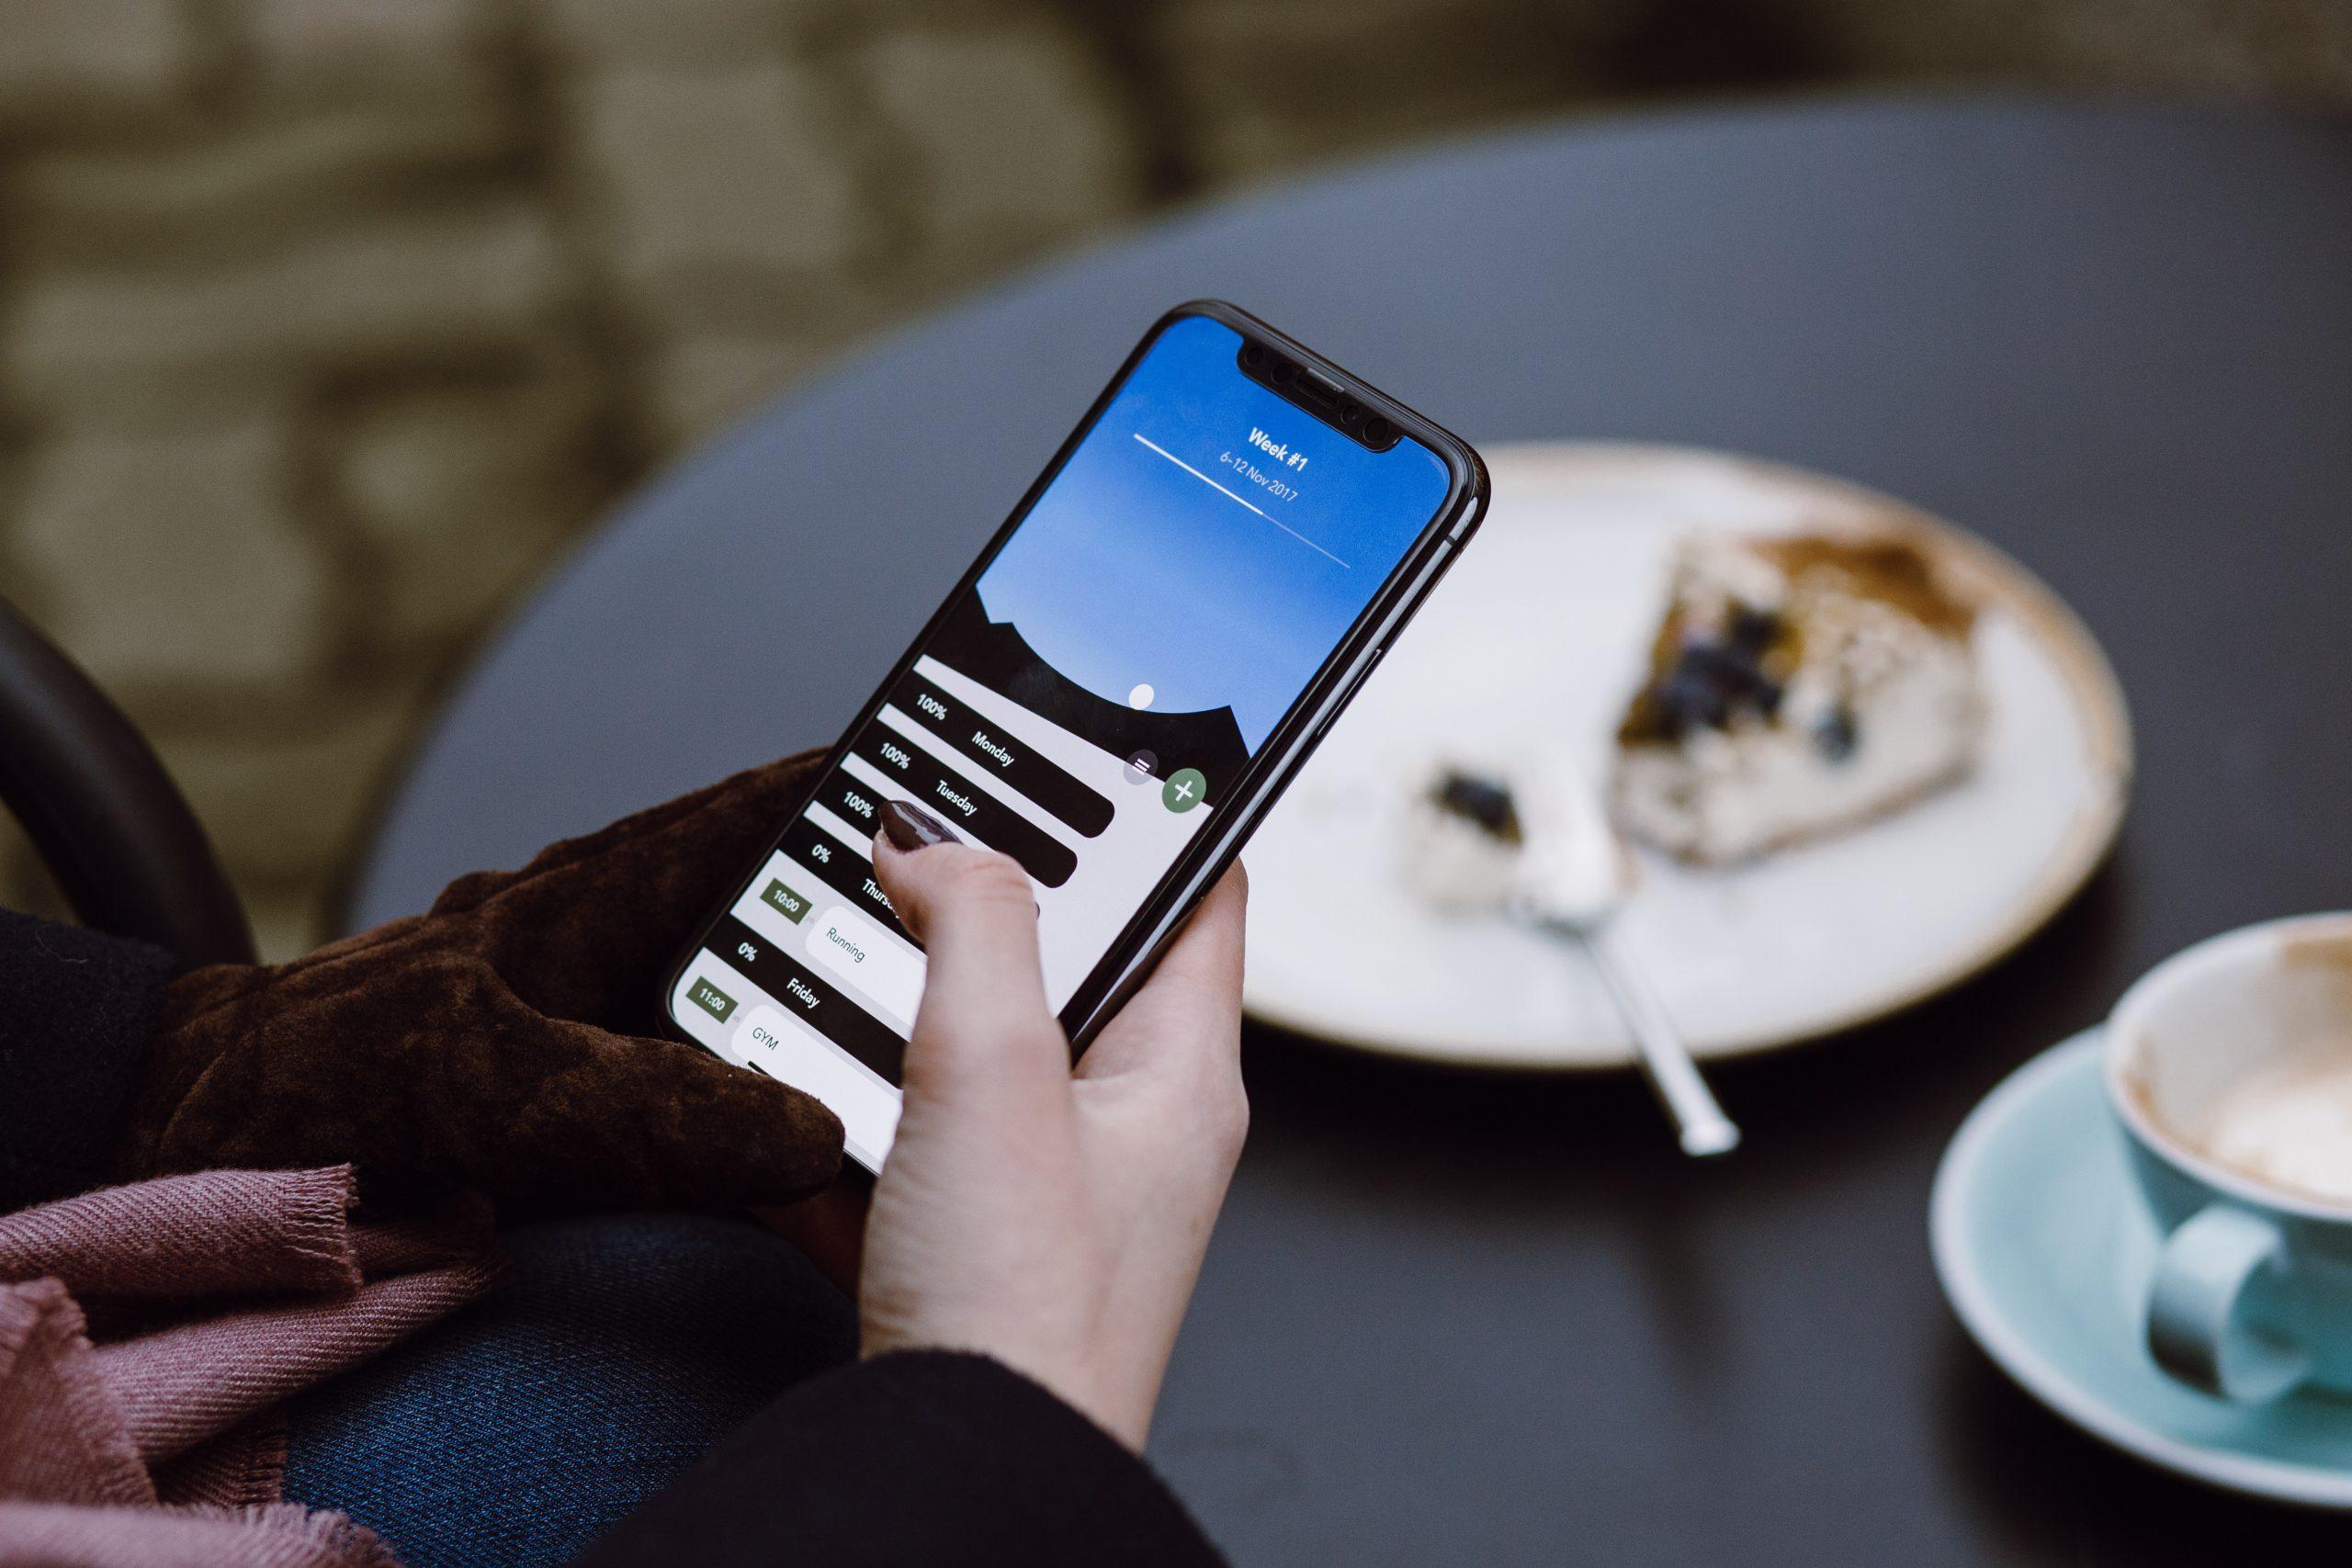 Homme qui mange un dessert et fait une recherche sur un smartphone